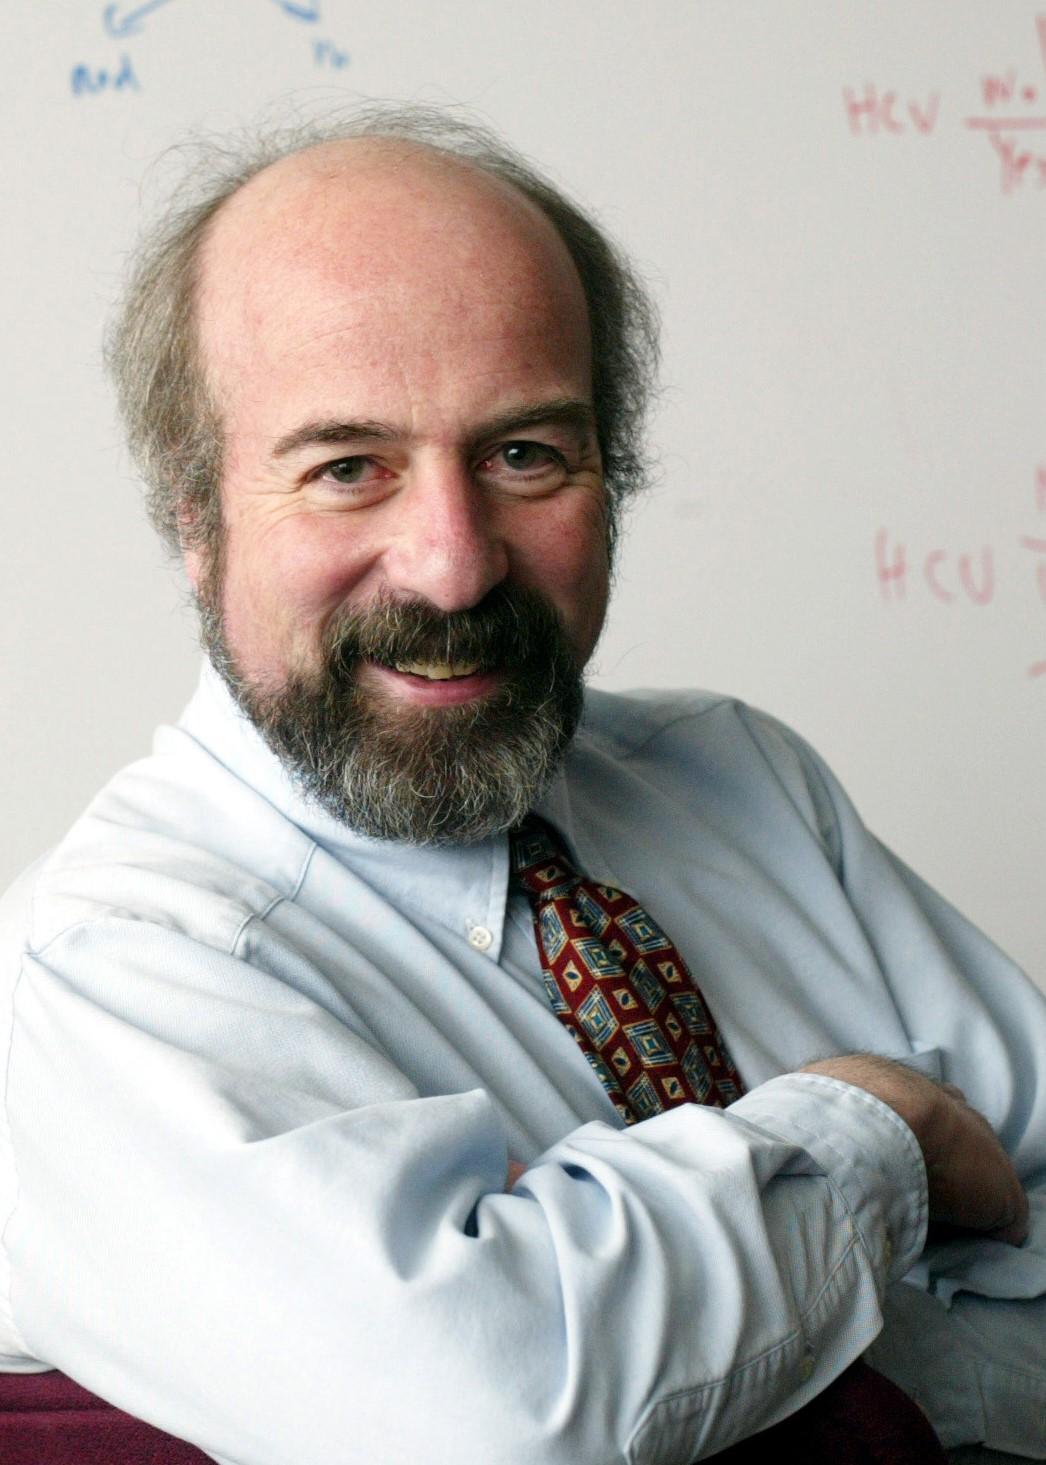 John Groopman